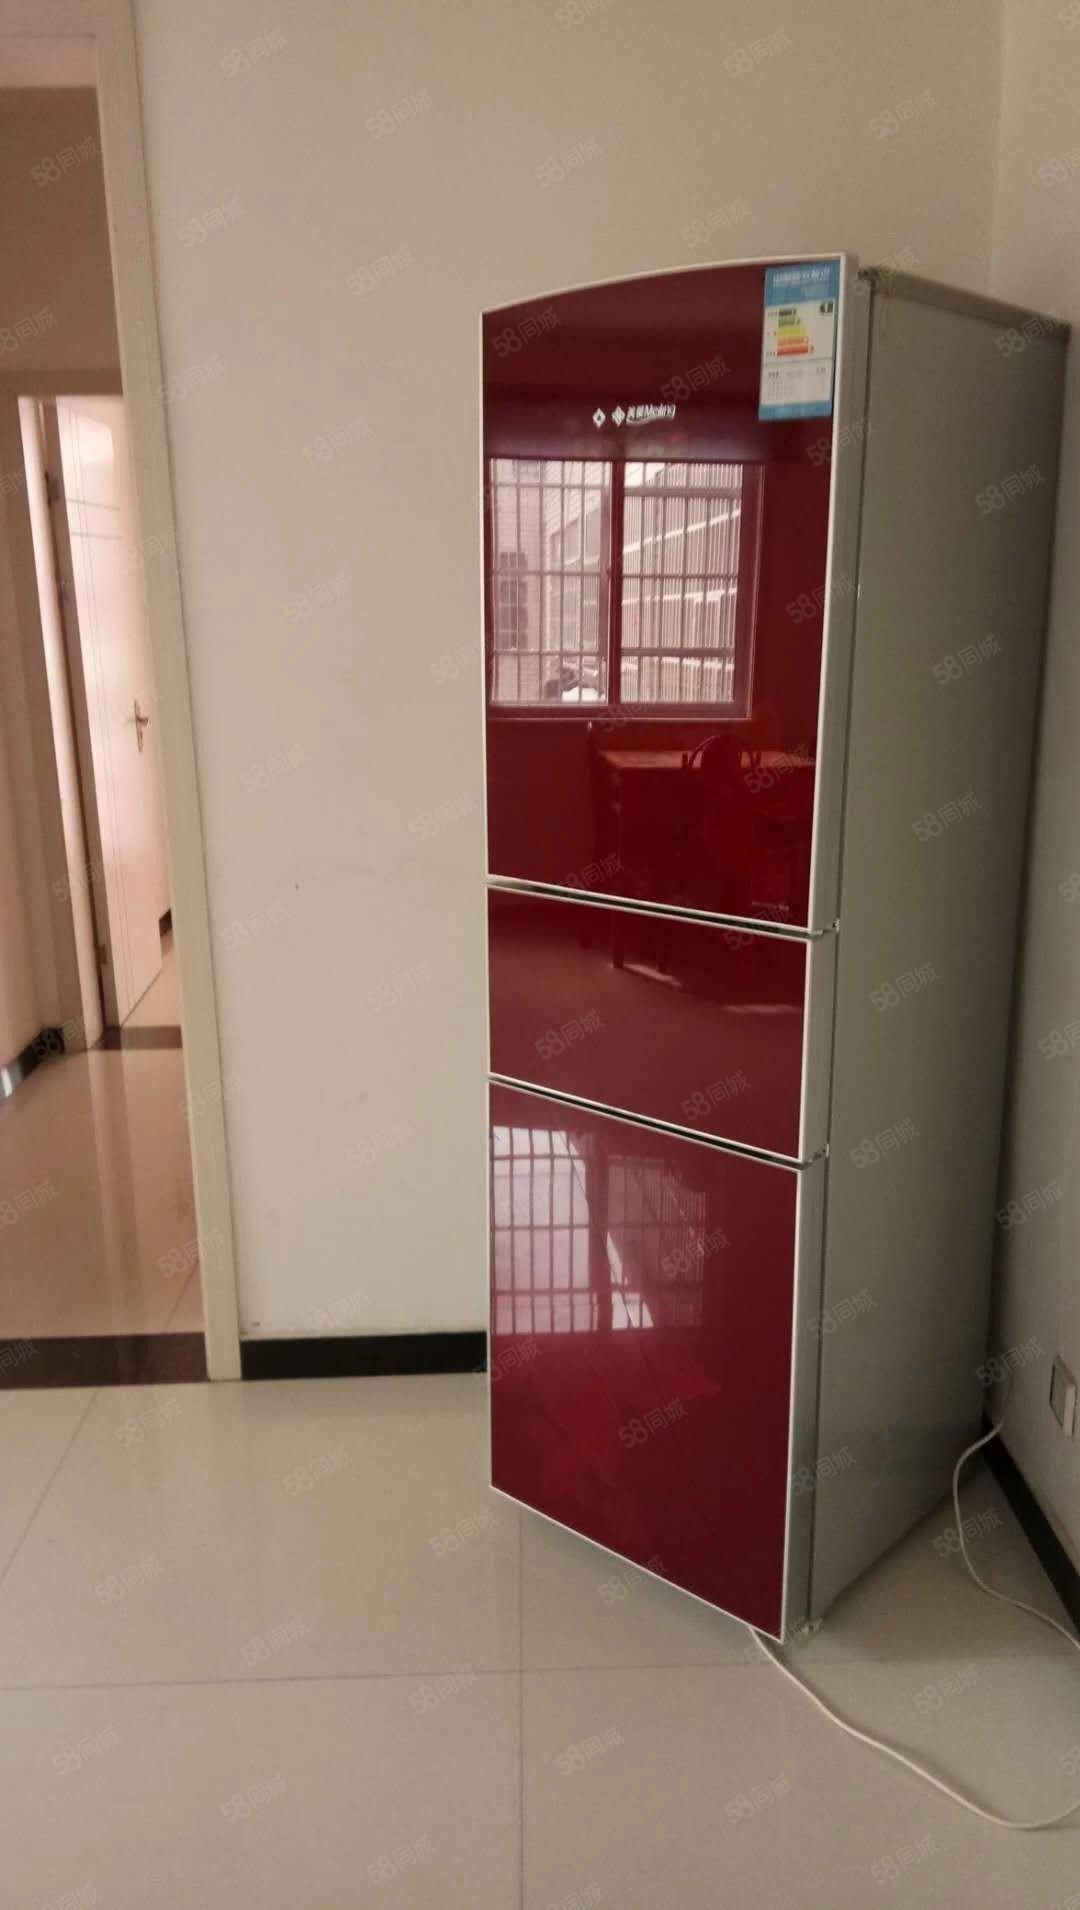 泊景城2室2厅中等装修